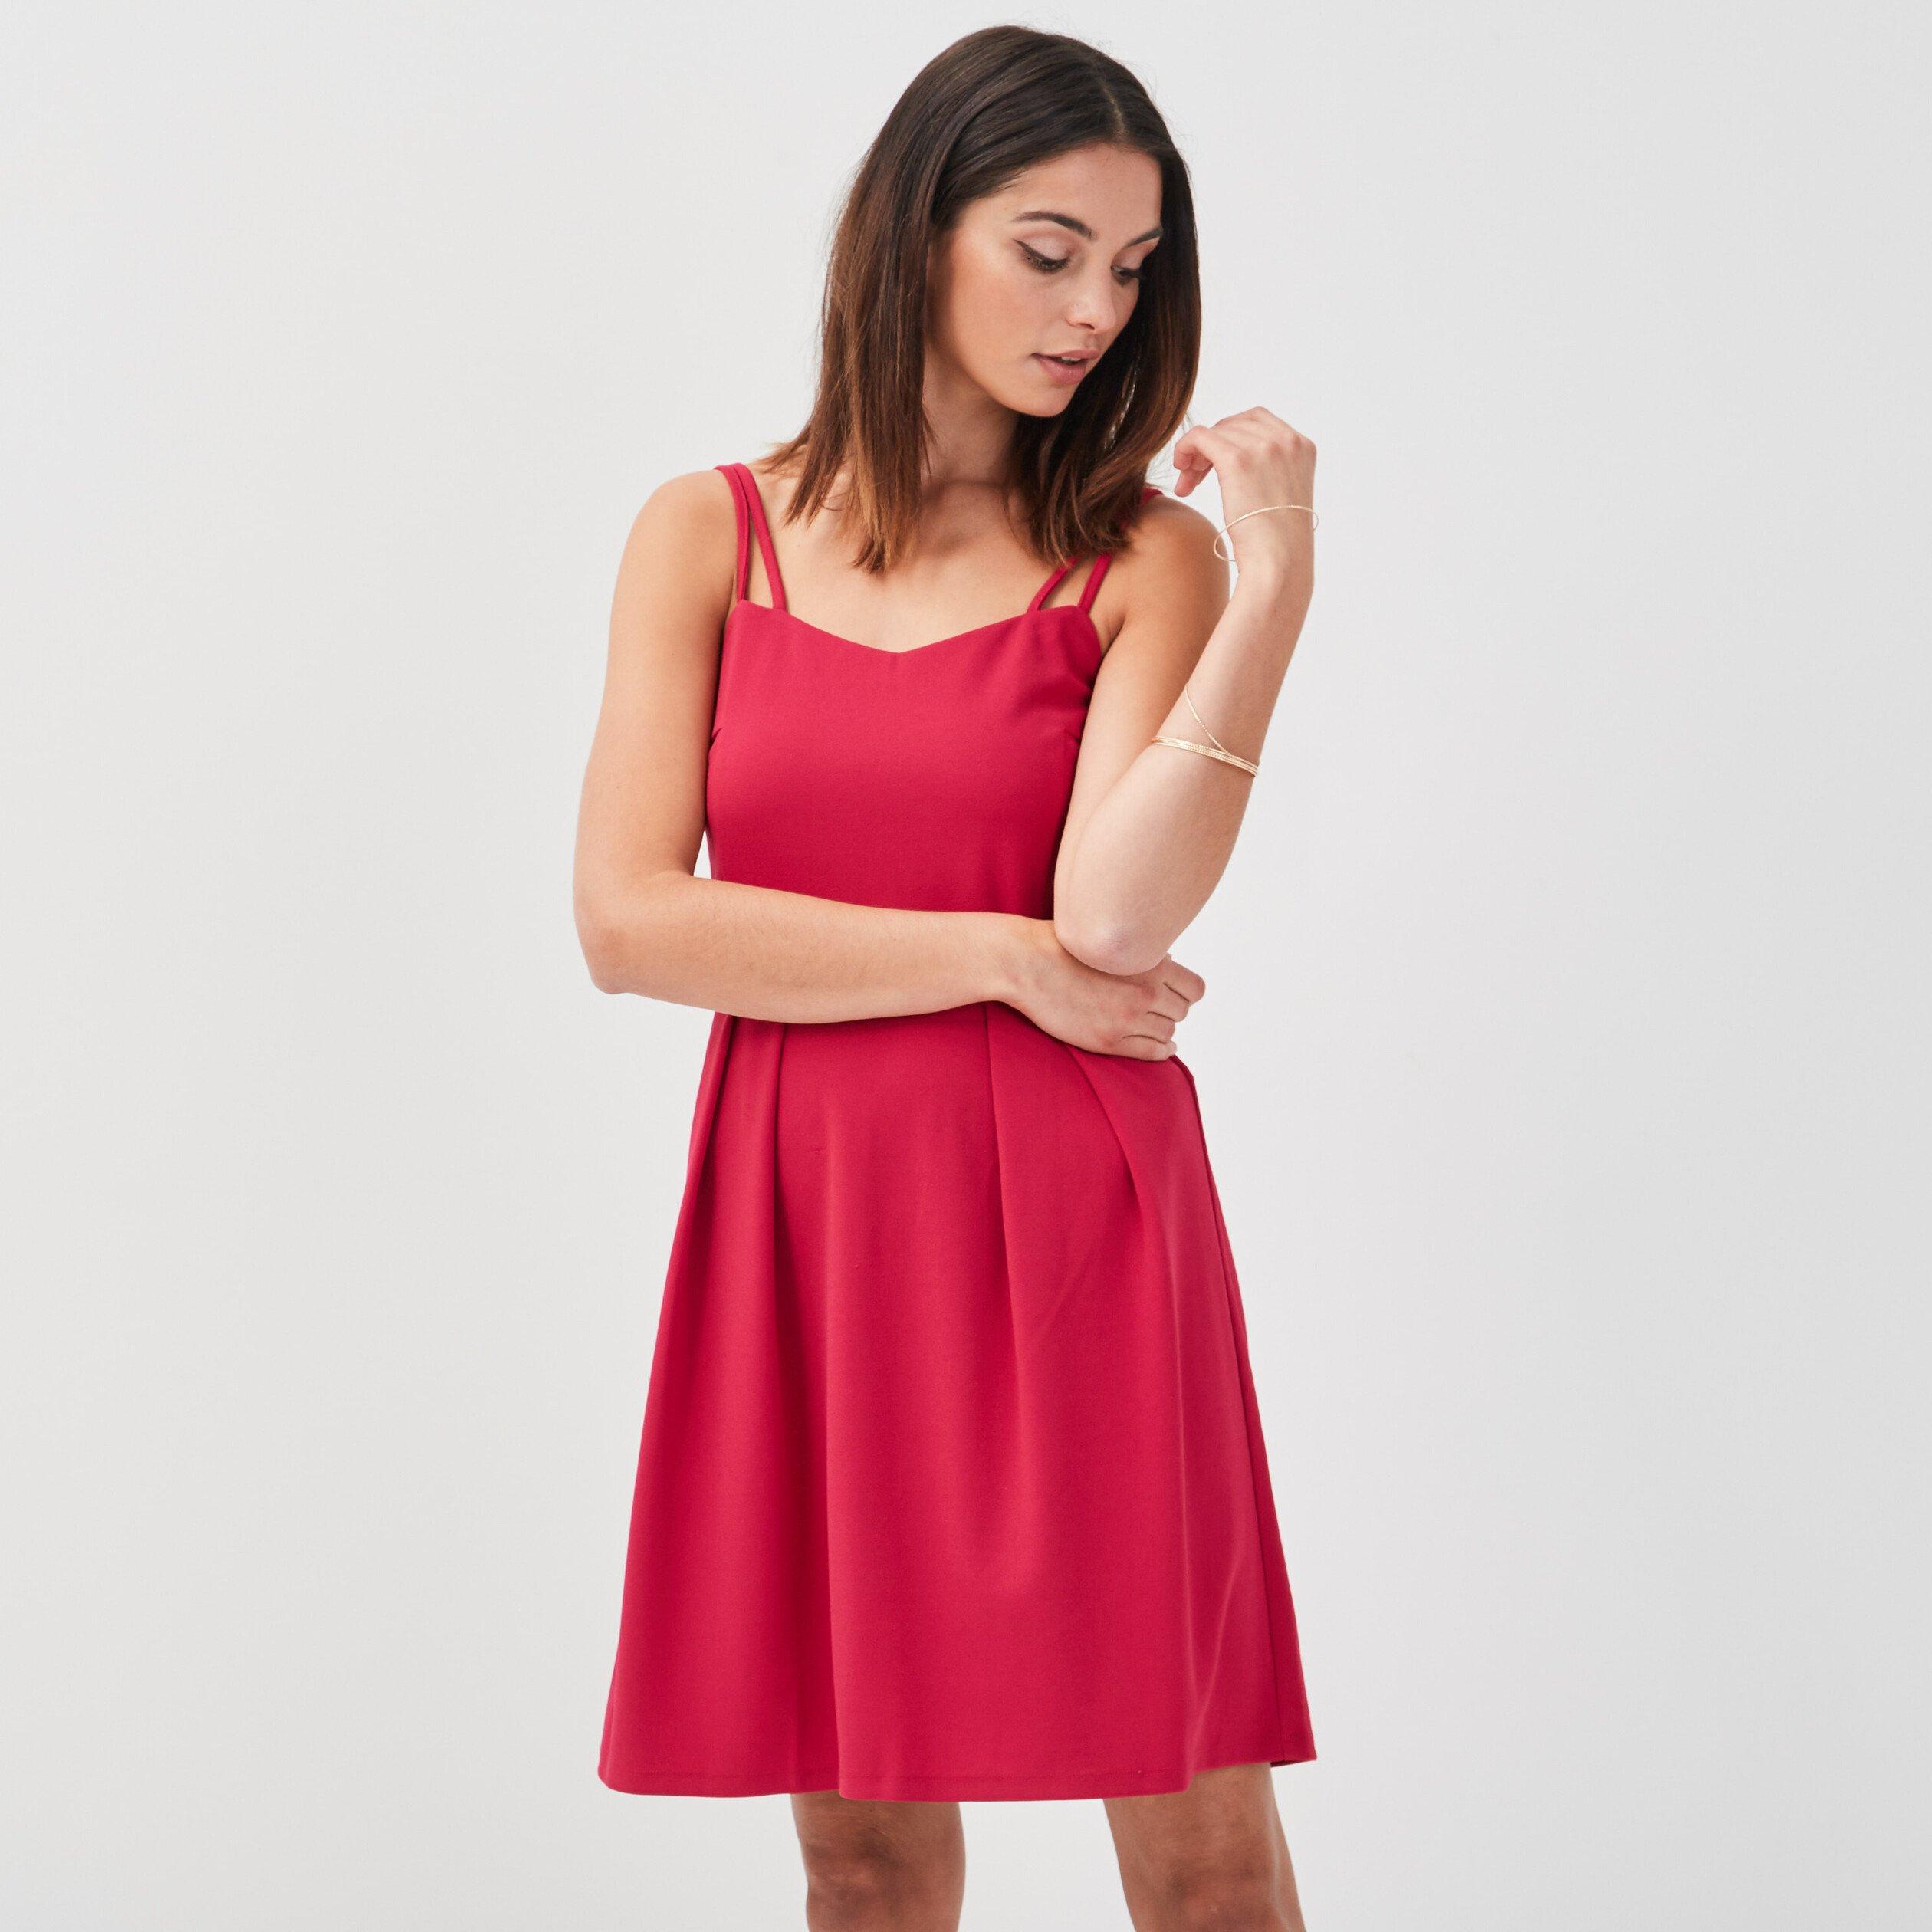 Sélection d'articles en promotion - Ex : Robe rose à bretelles fines (Tailles 36 à 40)